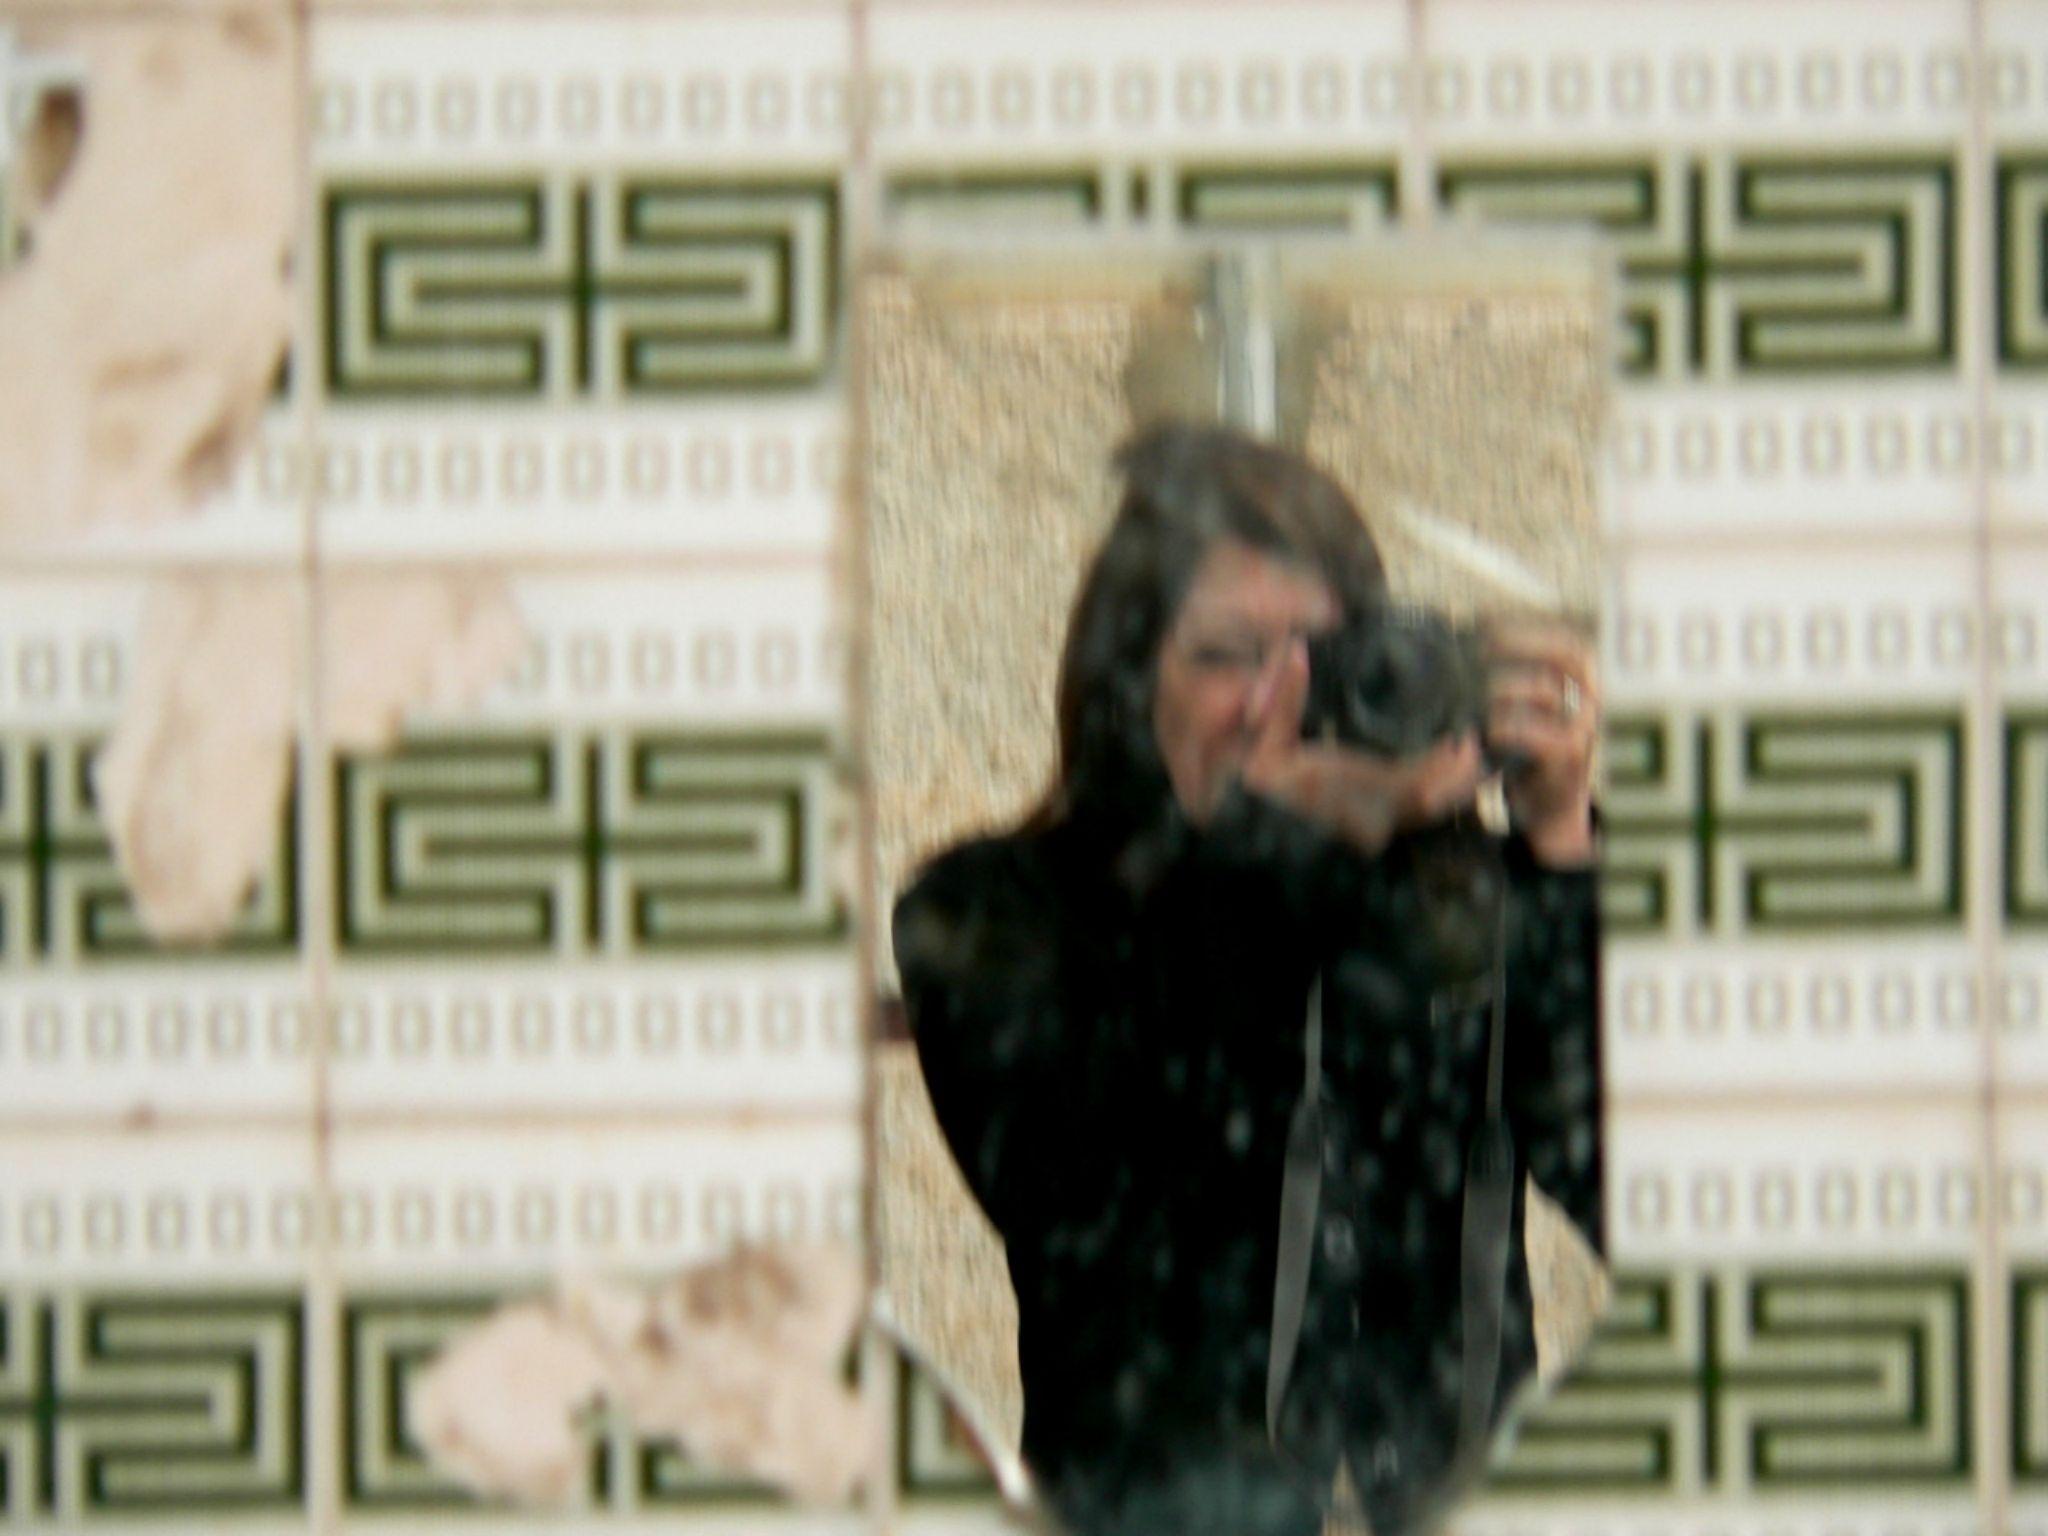 The wall had a mirror by Ana Botelho